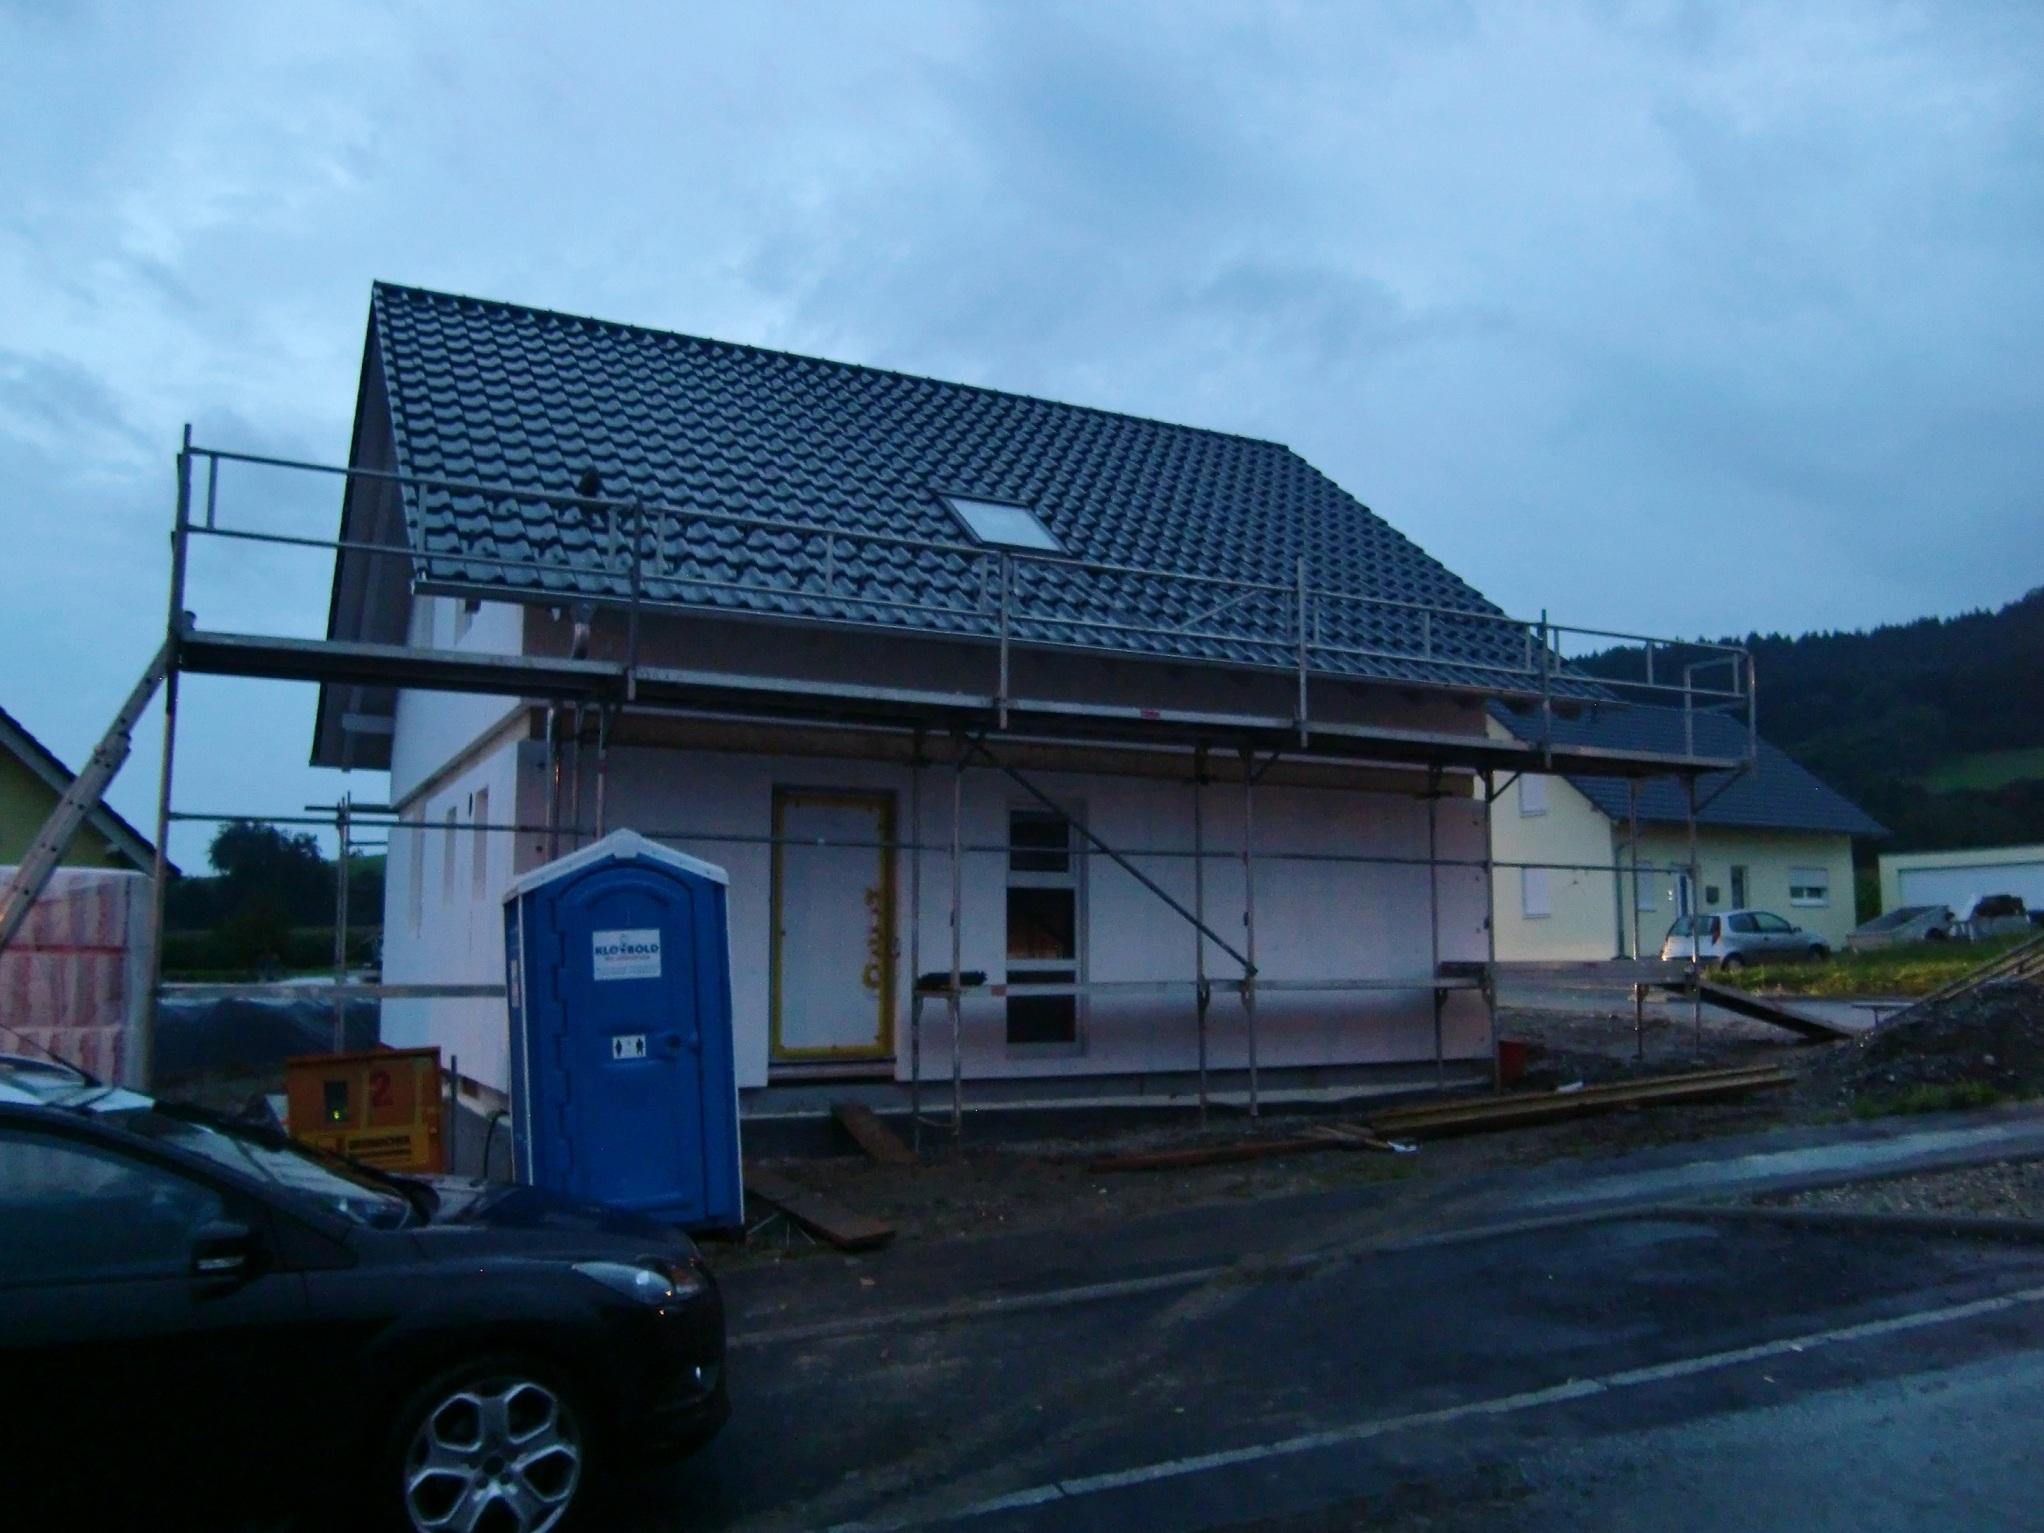 Das Haus von der Nordseite mit Dachflächenfenster